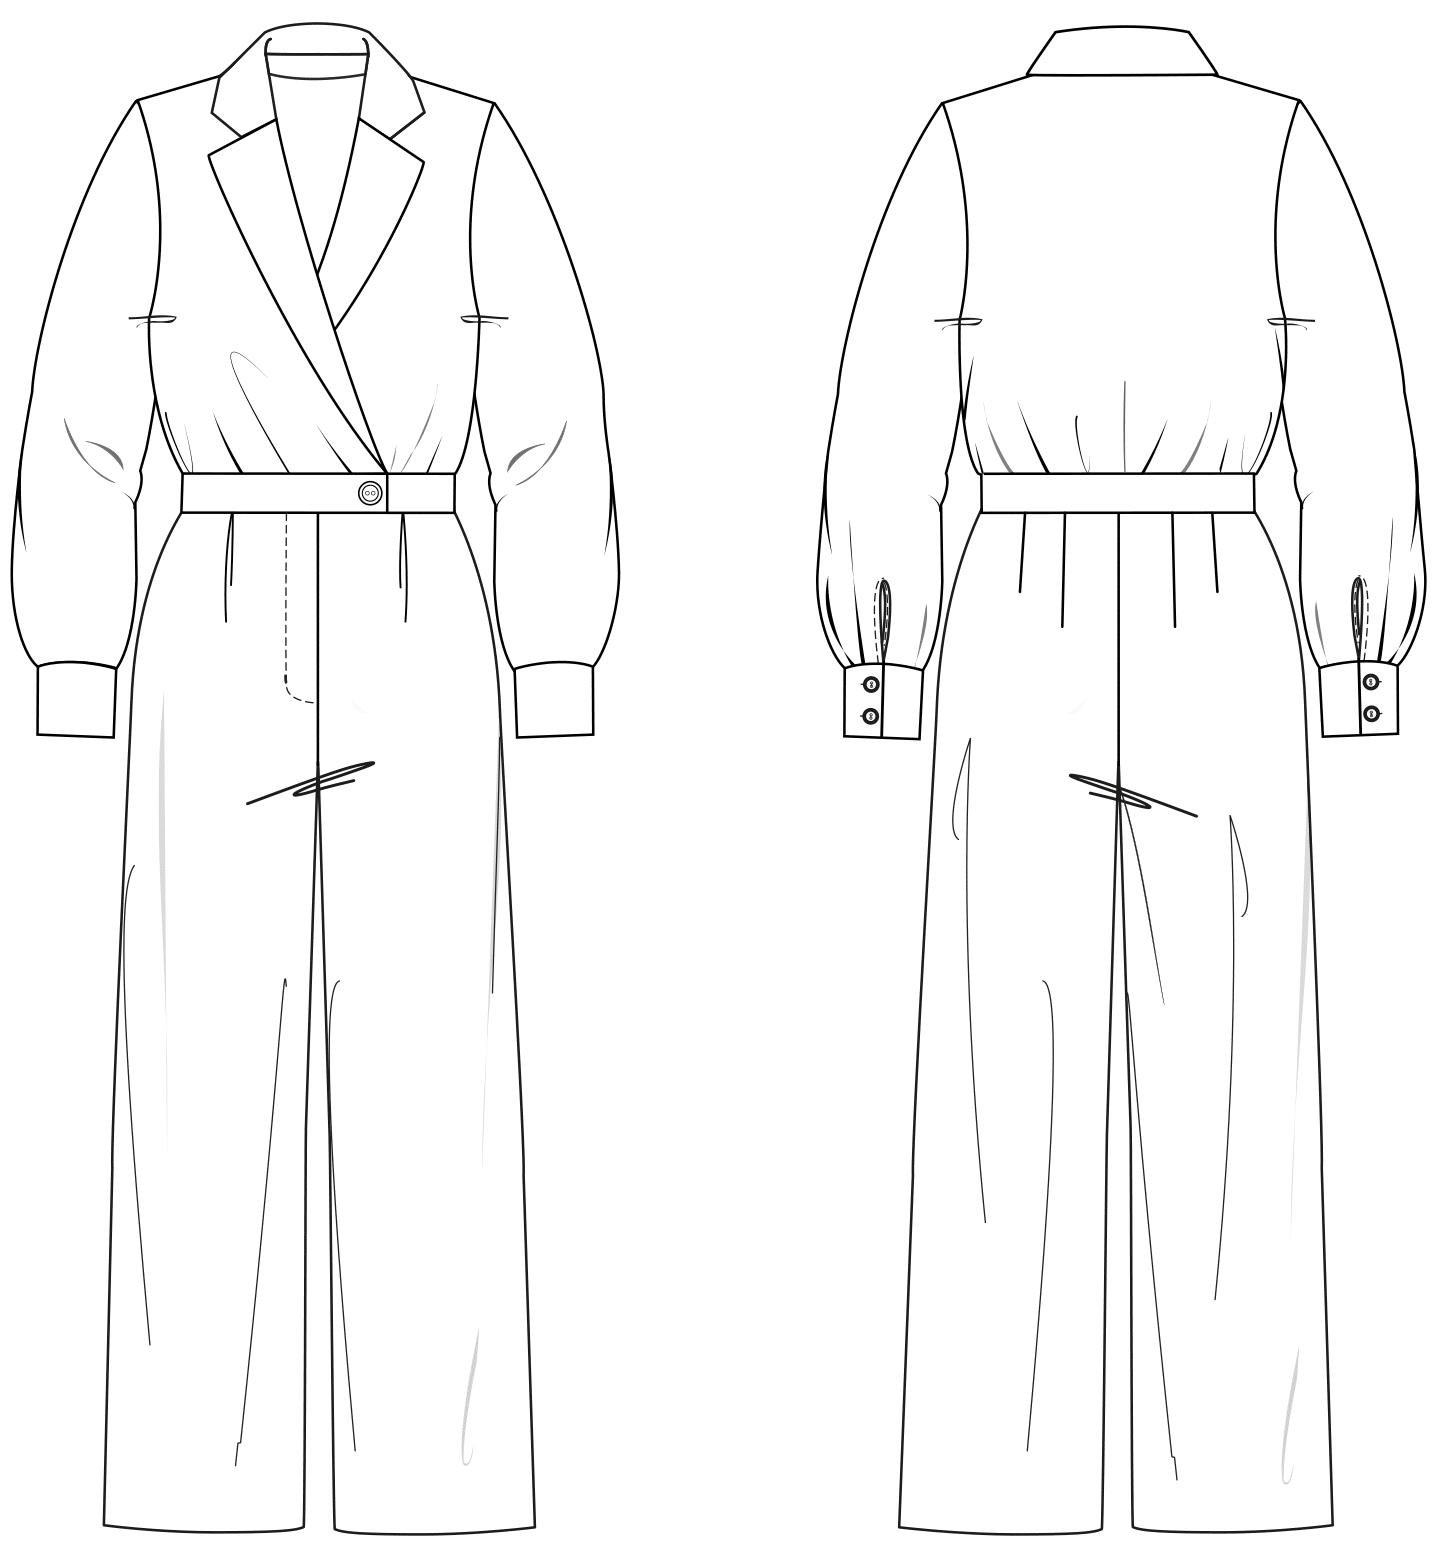 Zu sehen ist die technische Zeichnung der Vorder- und Rückansicht eines Overalls im Business-Look. Sie dient als Vorlage für die Schnitt-Technik.